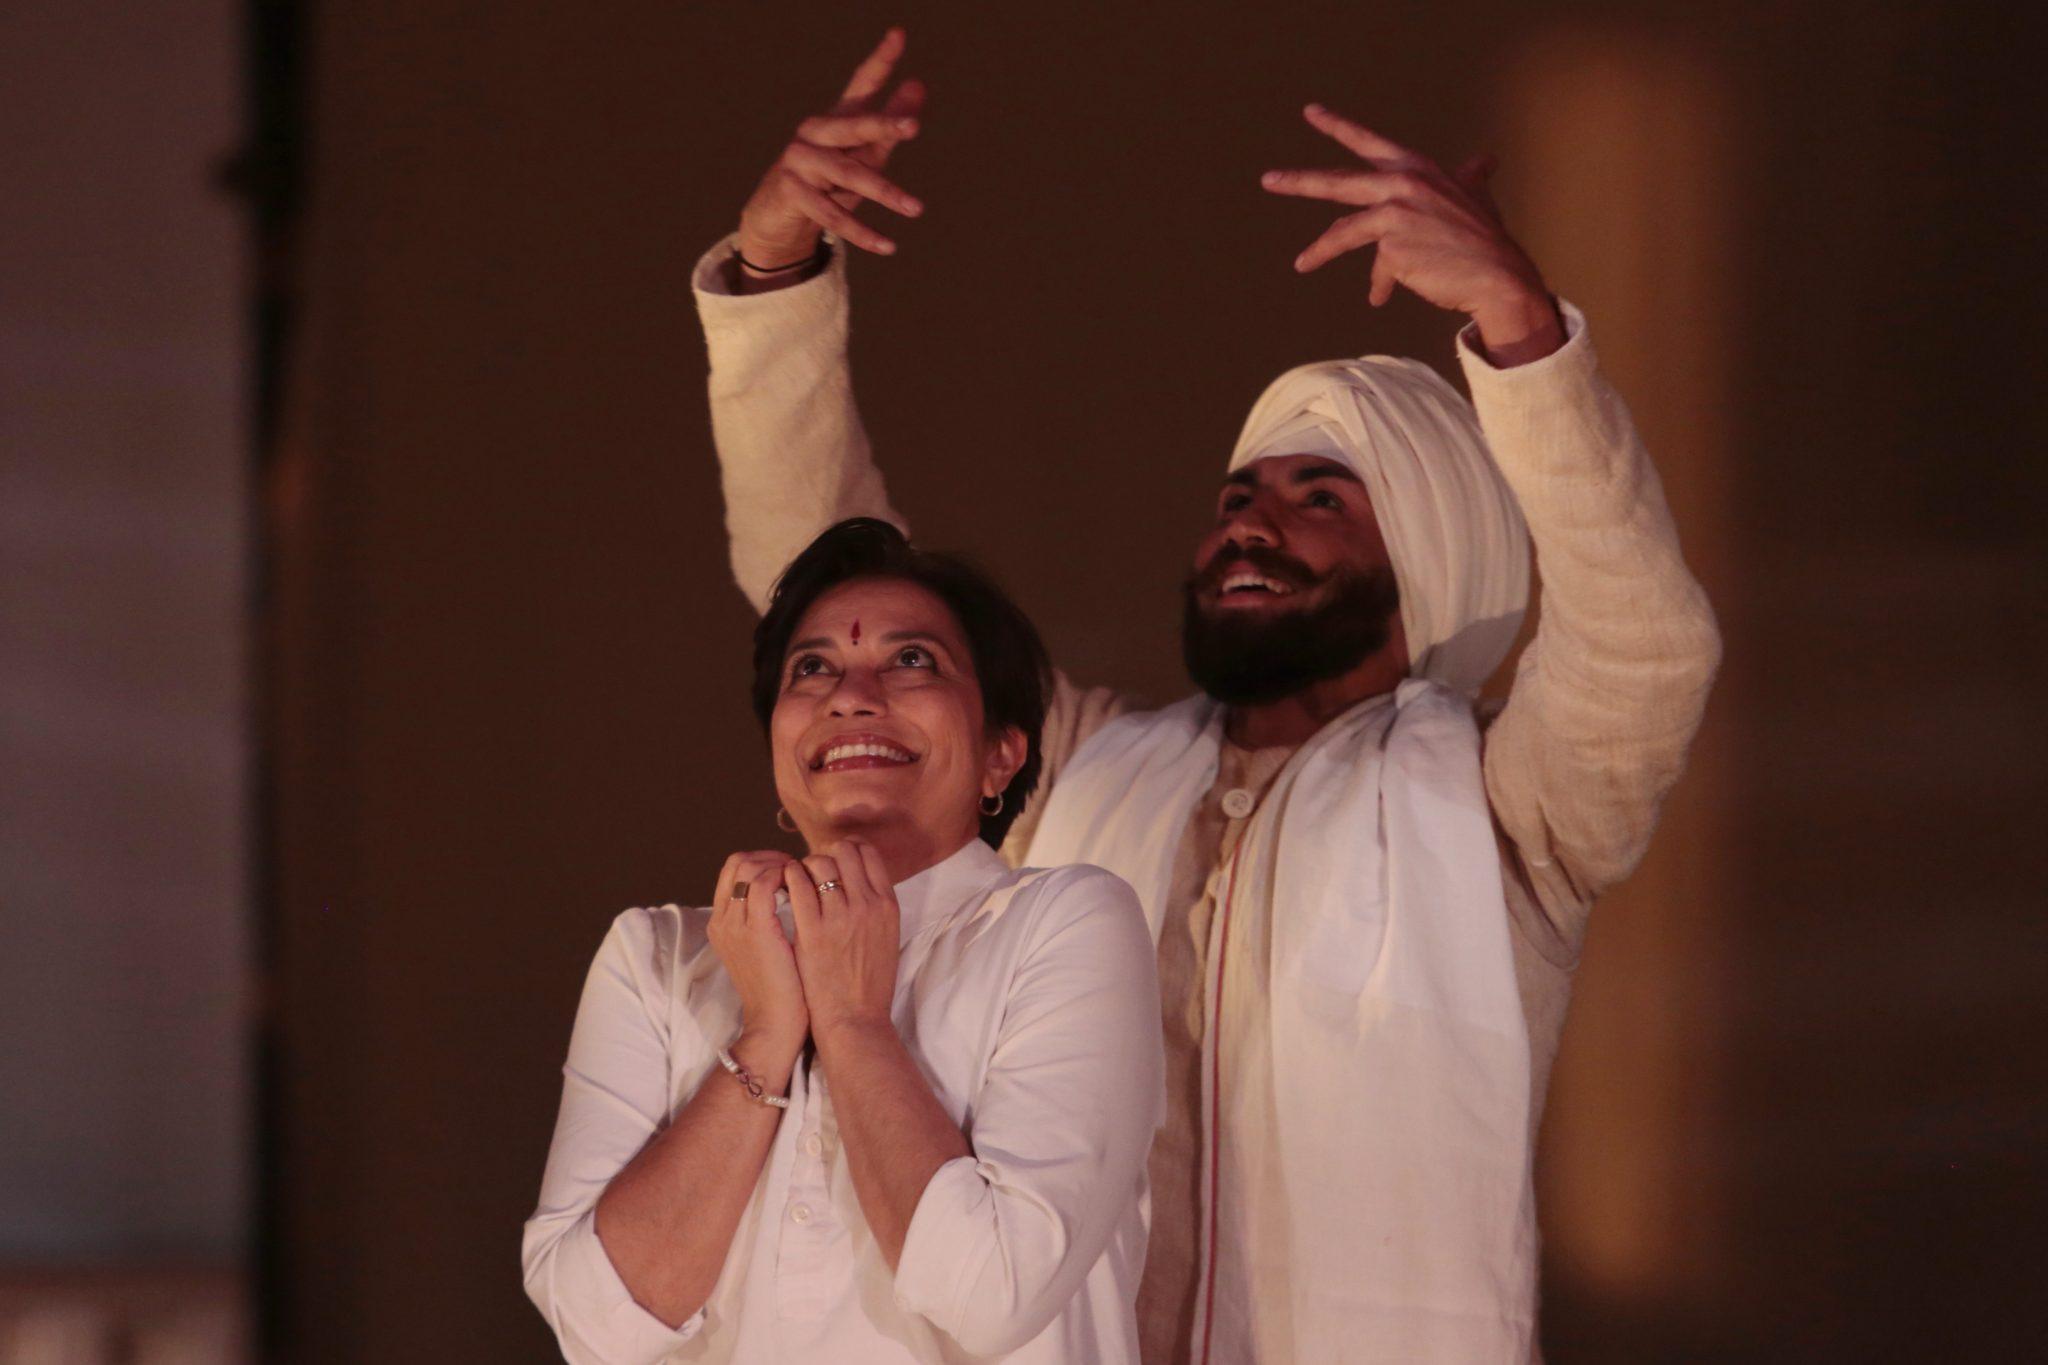 Une chambre en Inde du Théâtre du Soleil Ariane Mnouchkine image-4